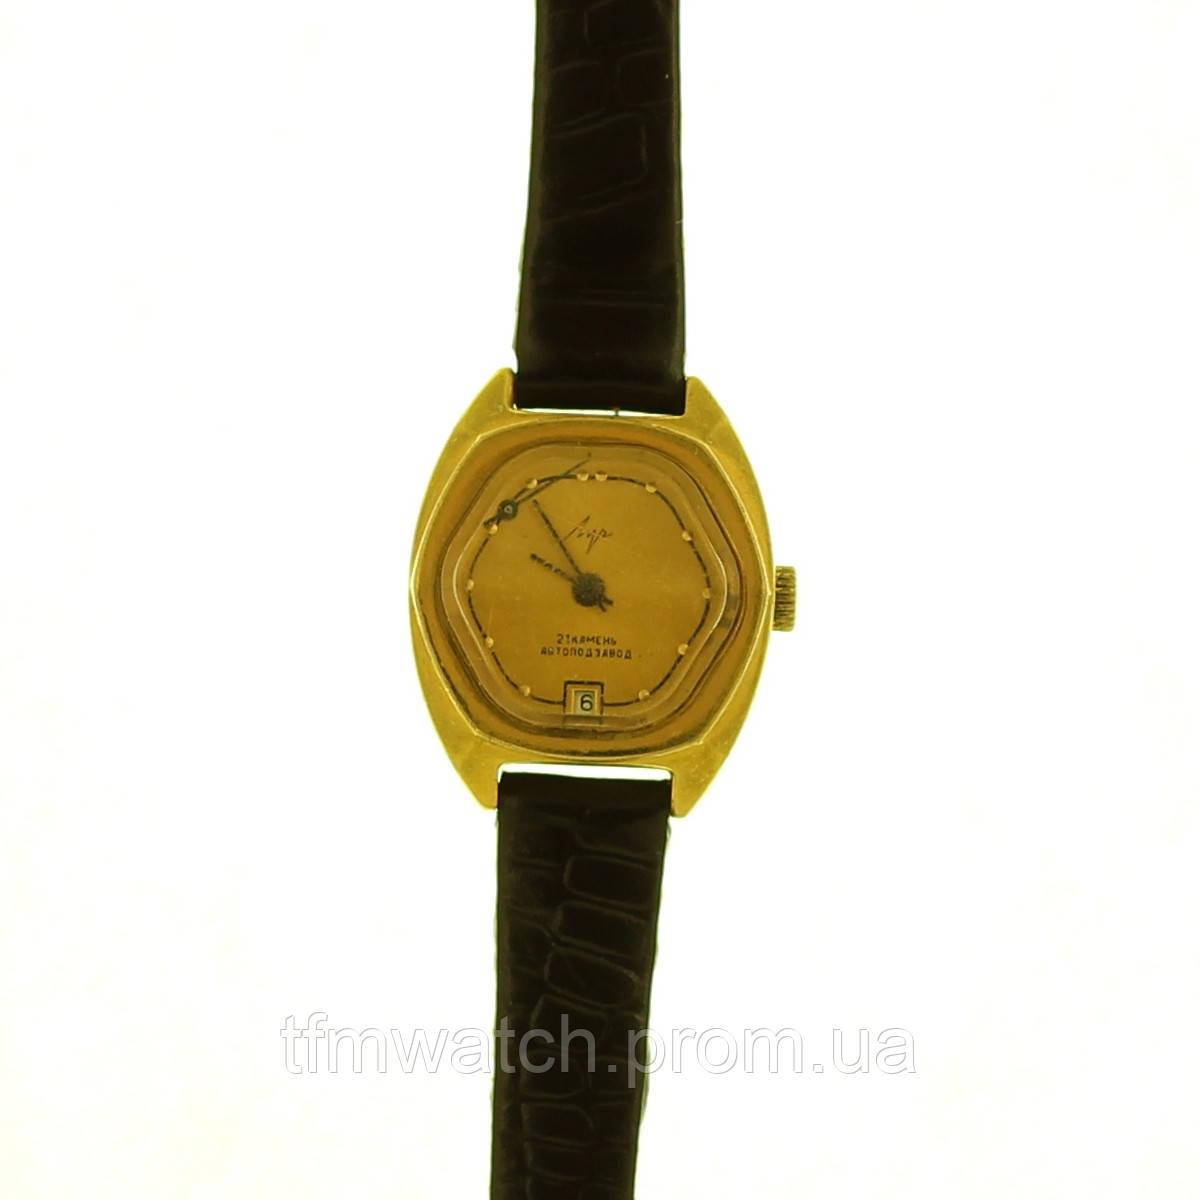 Купить механические часы с автоподзаводом луч распродажа наручных часов в новосибирске